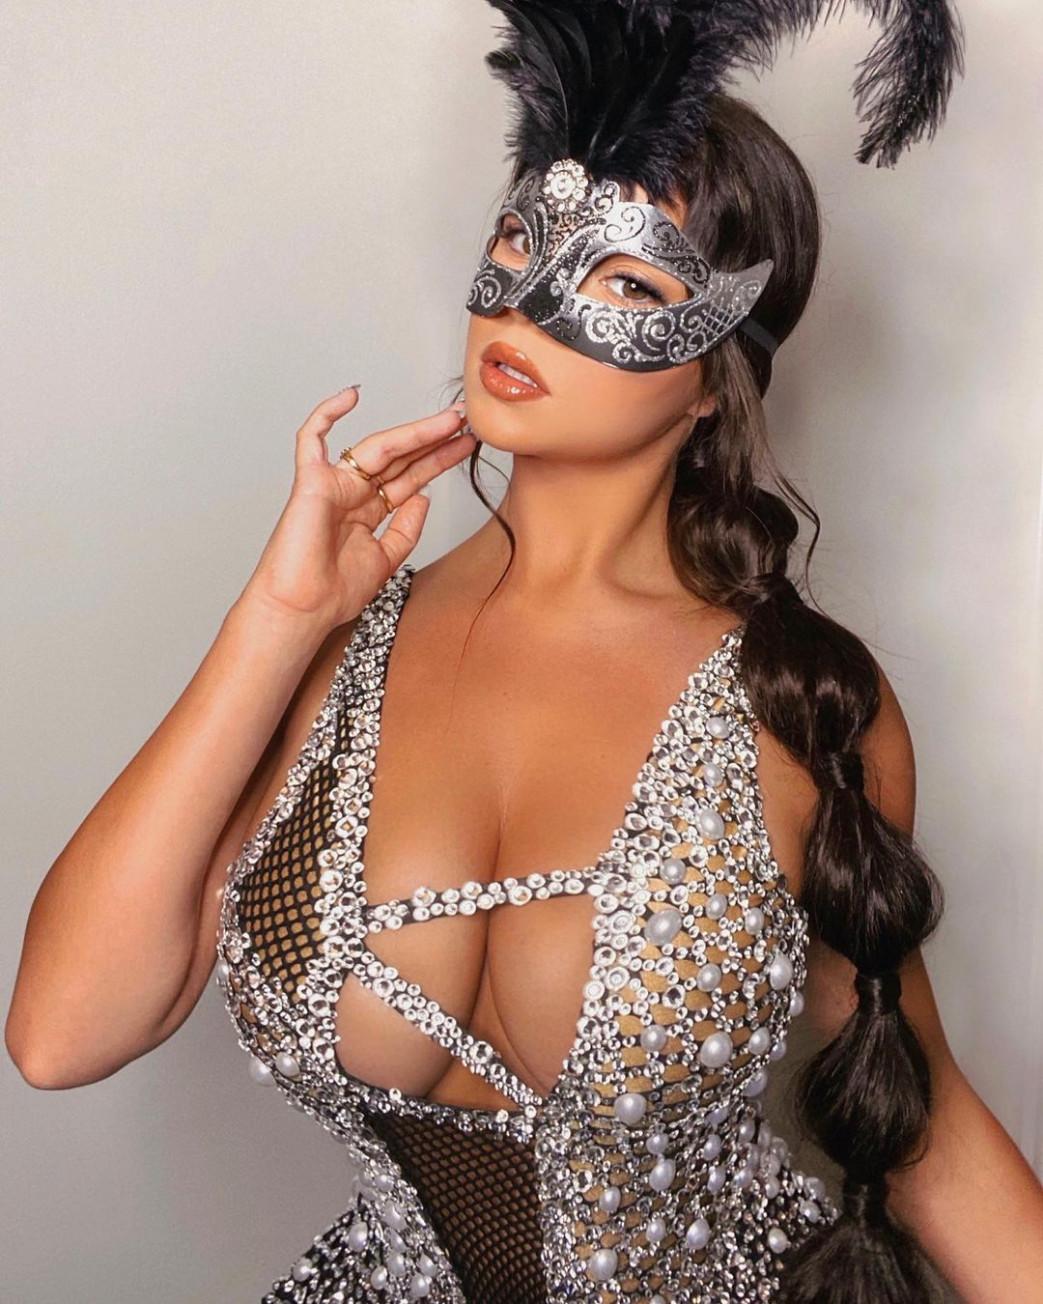 Demi-Rose-Mawby-Cleavage-Halloween-Costume4.jpg